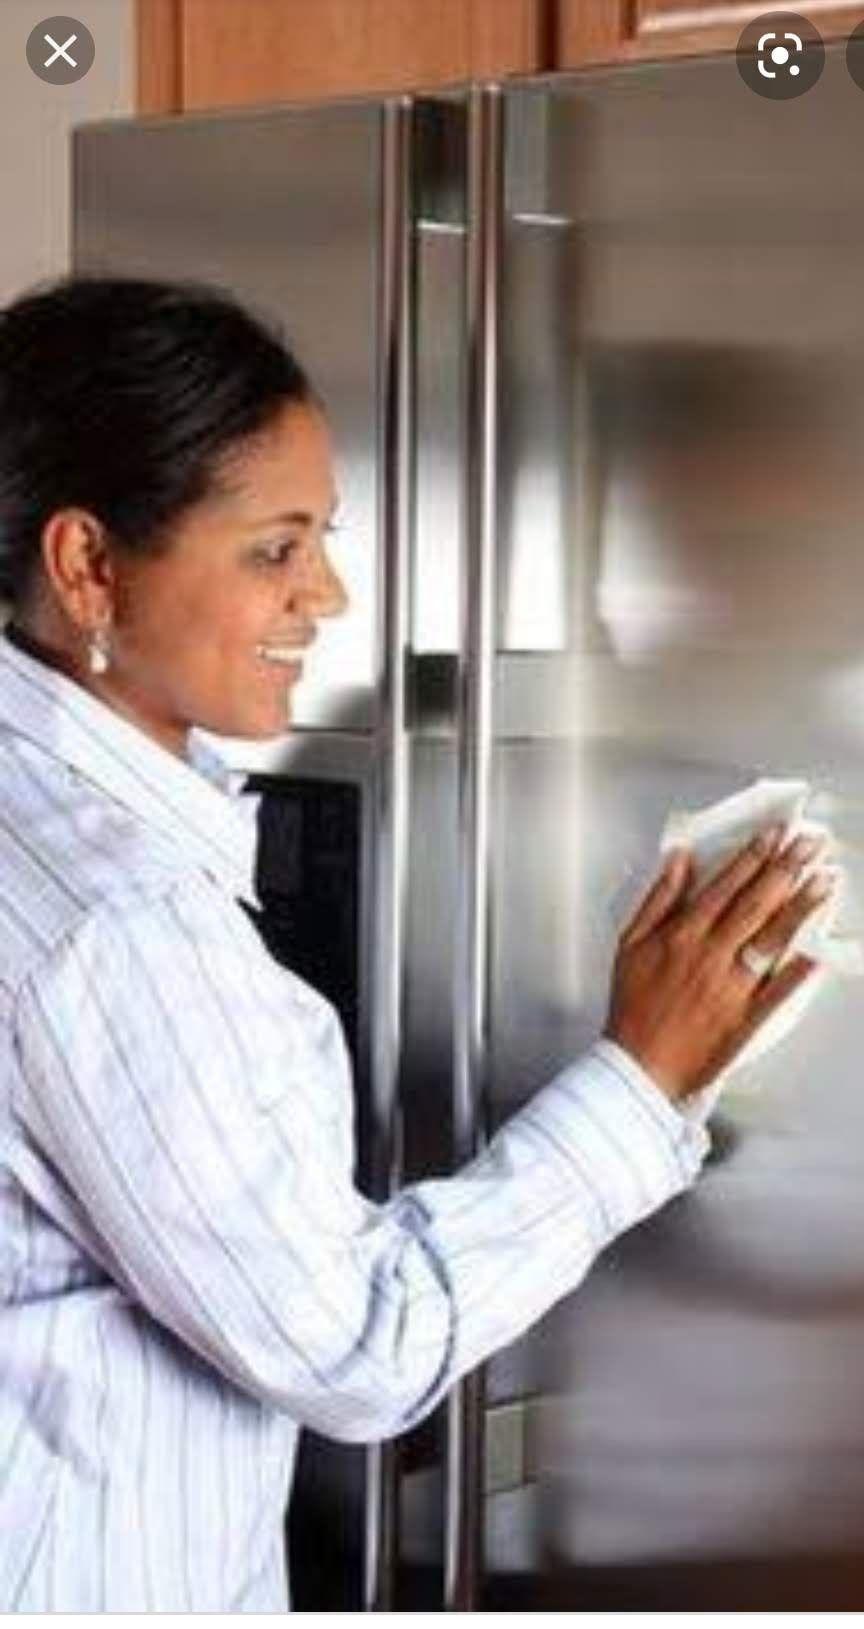 higienização contra covid